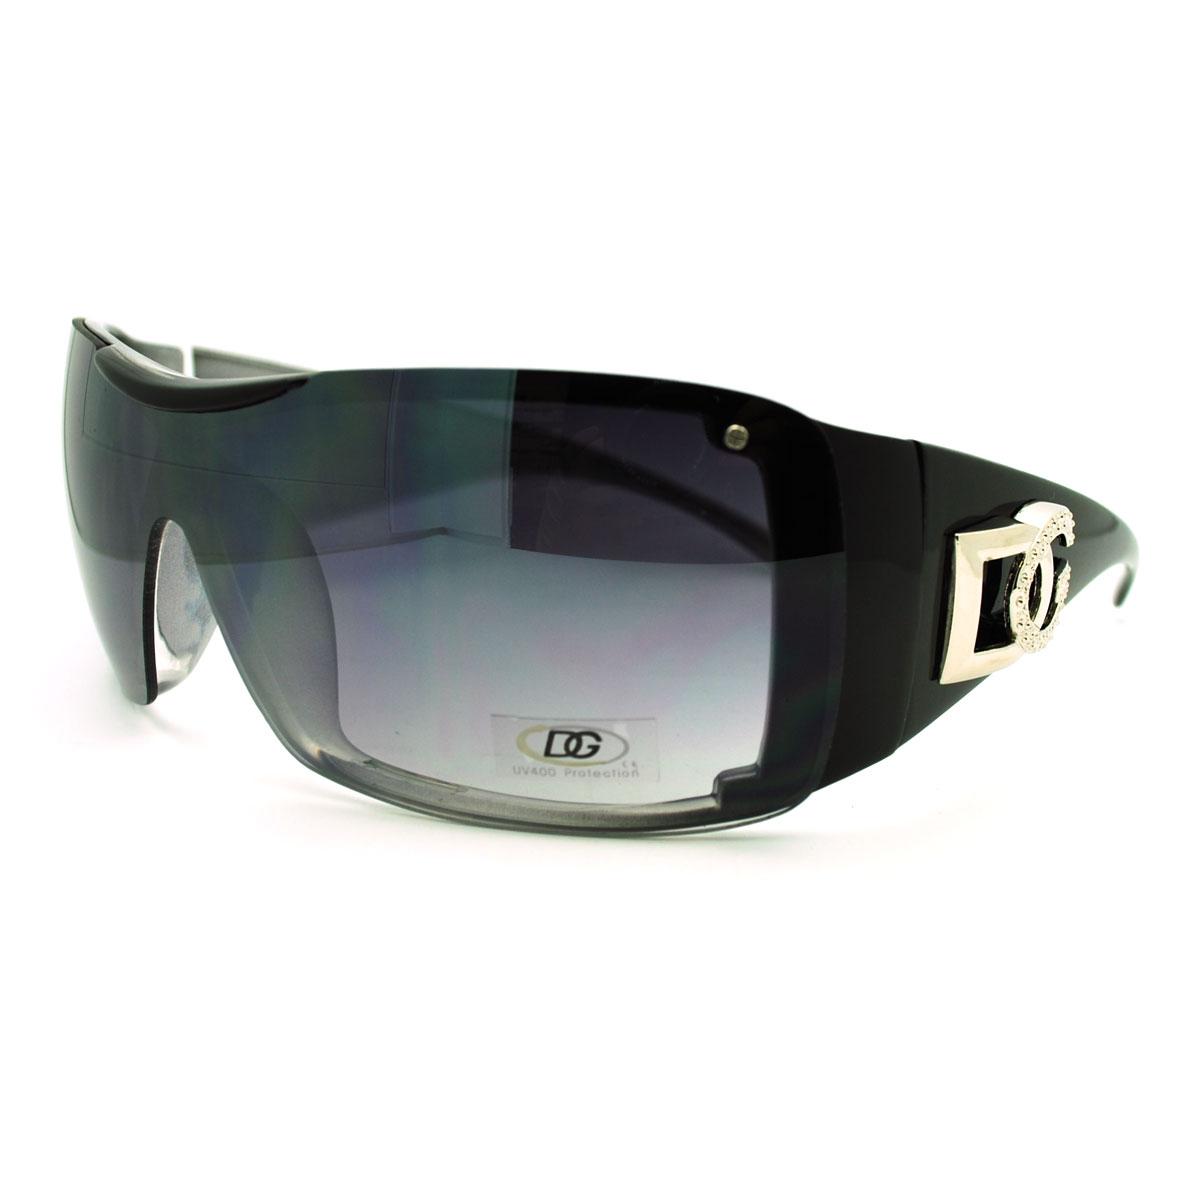 597b0c2afd24 D g Rimless Glasses